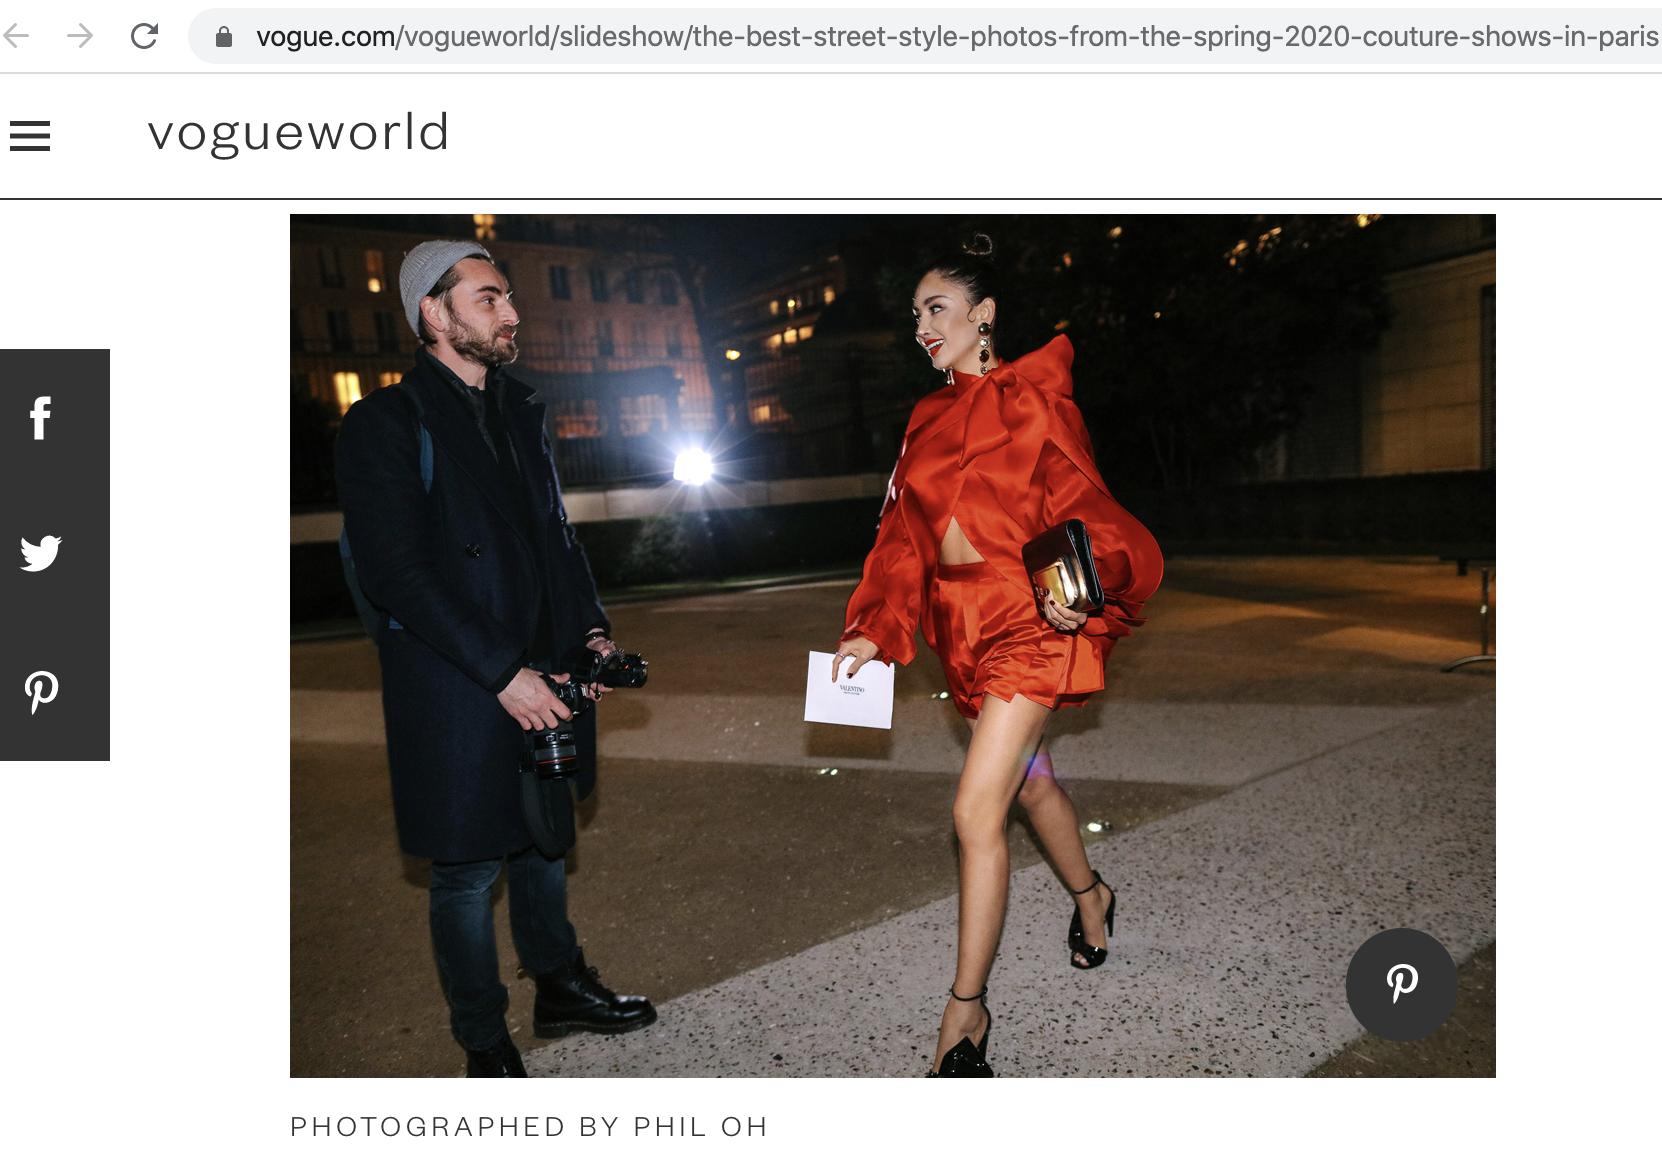 """Đặc biệt, bộ cánh nữ diễn viên Mexico diện của NTK Trần Hùng xuất sắc được chọn là một trong những street style đẹp nhất mùa xuân 2020 này trong bài """"The best street style photos from the Spring 2020 Couture shows in Paris"""" của Vogue bình chọn. Và Trần Hùng vinh dự là nhà thiết kế Việt Nam đầu tiên ó thiết kế street style xuất hiện trên Big 4 Vogue thế giới: Vogue, British Vogue, Vogue Italia và Vogue Paris."""